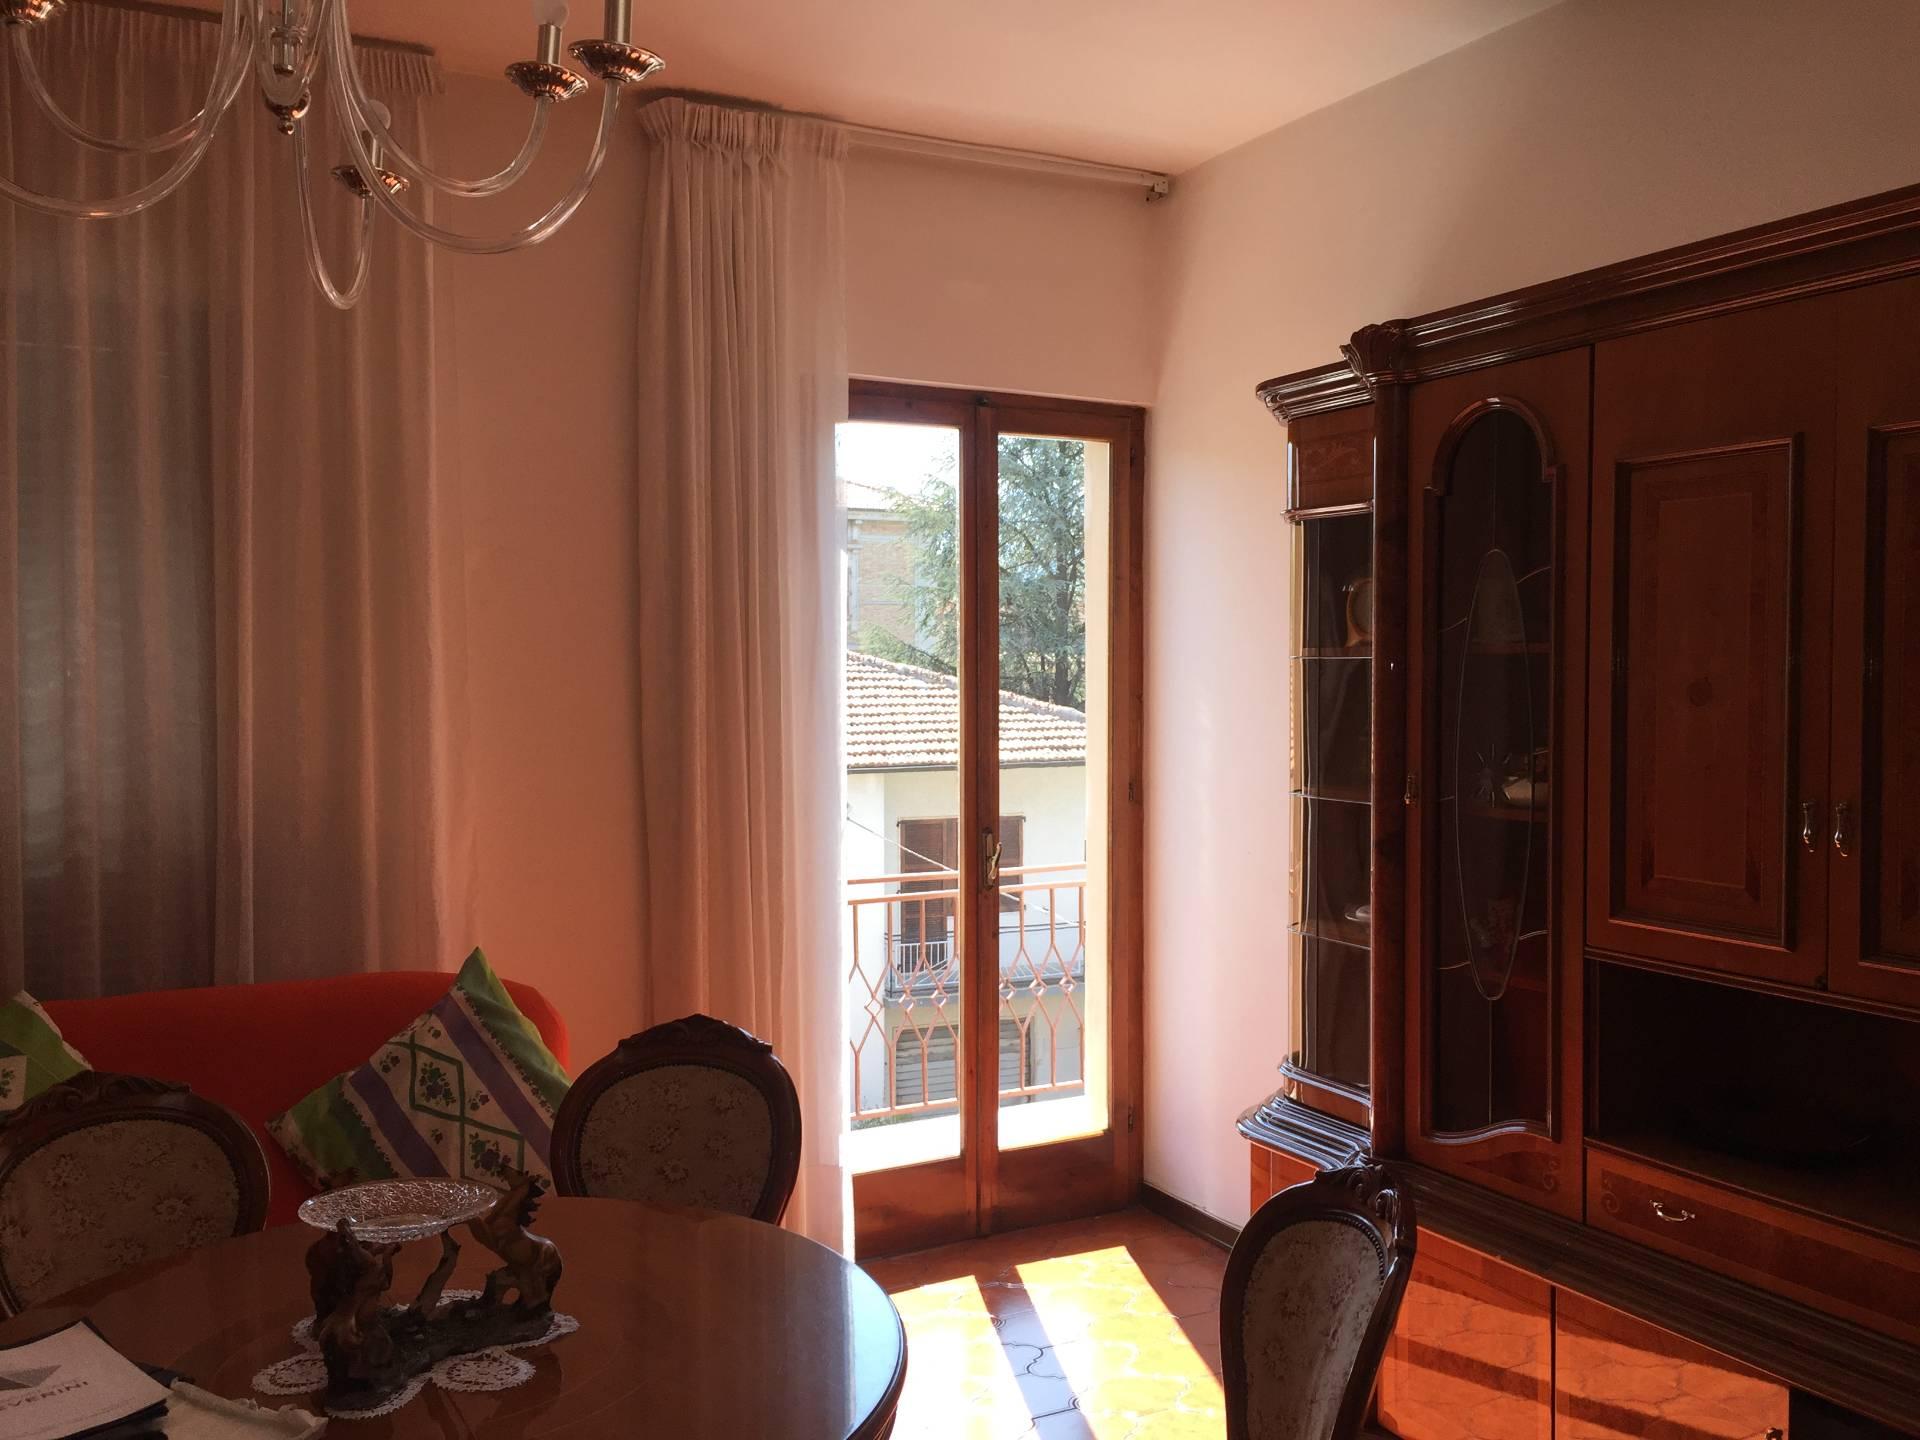 Appartamento in vendita a Cerreto d'Esi, 6 locali, prezzo € 65.000 | CambioCasa.it